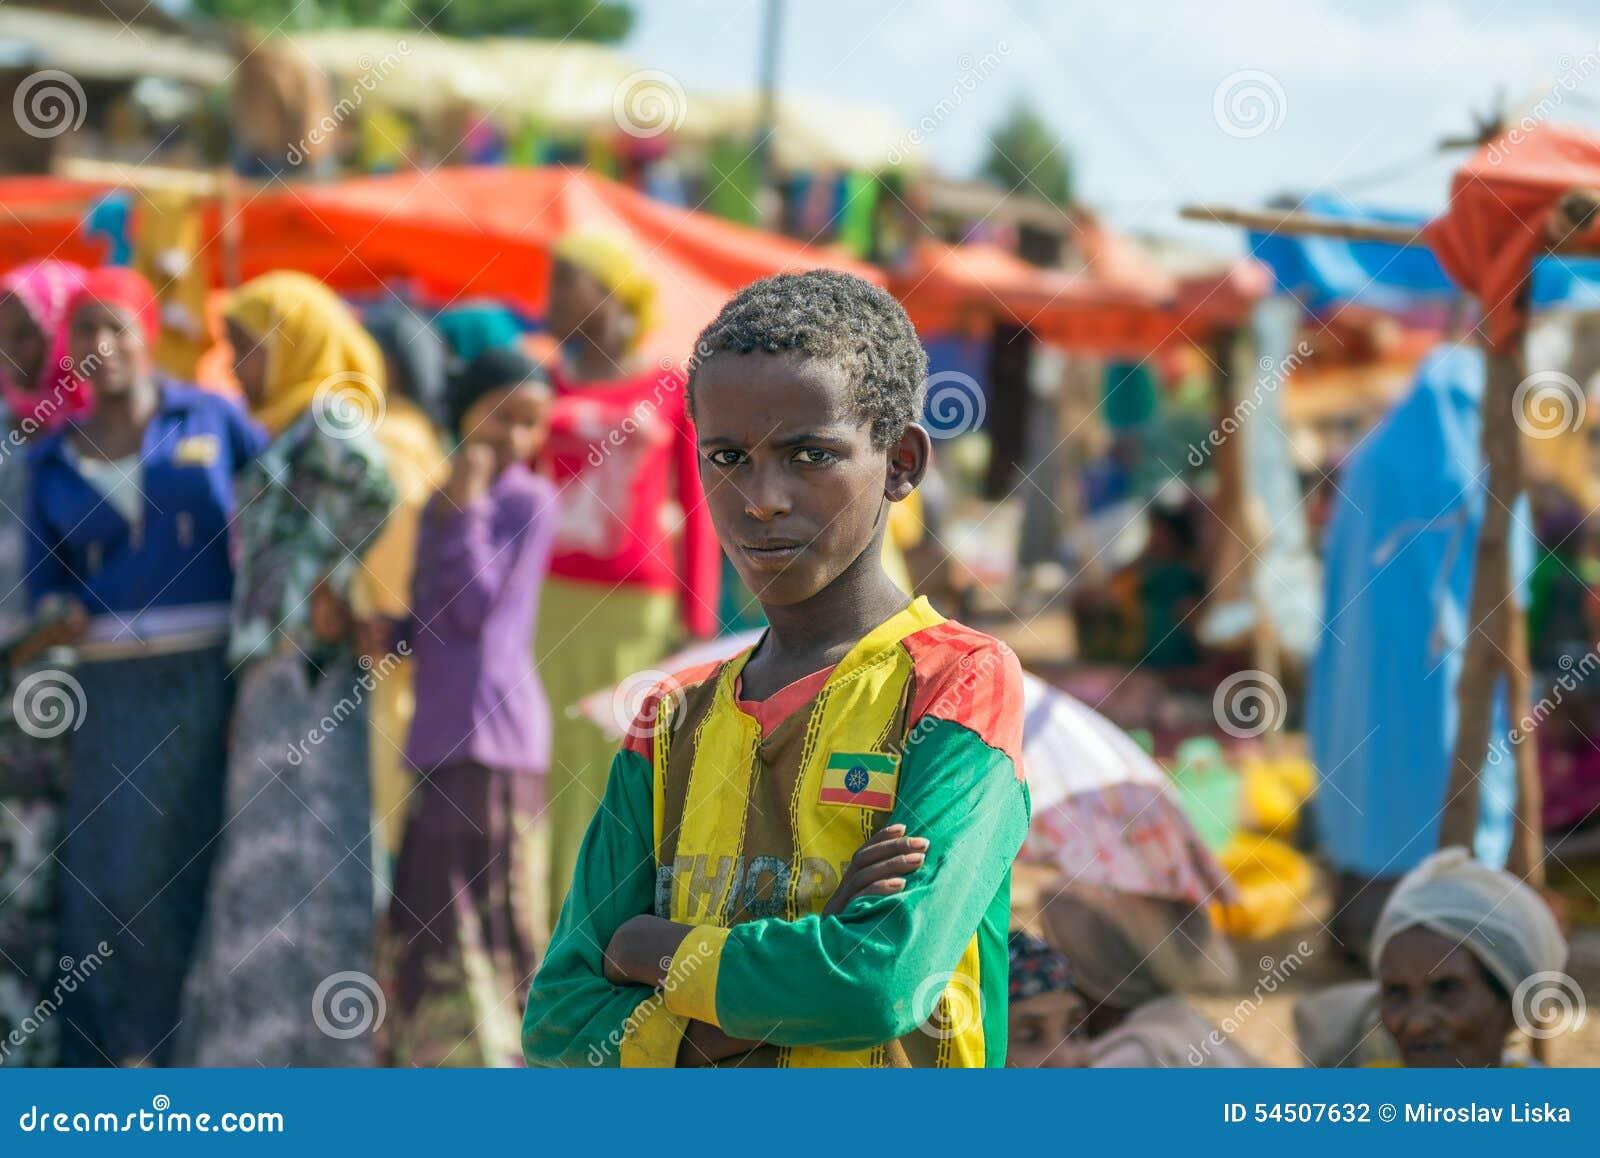 Garçon éthiopien à un marché local